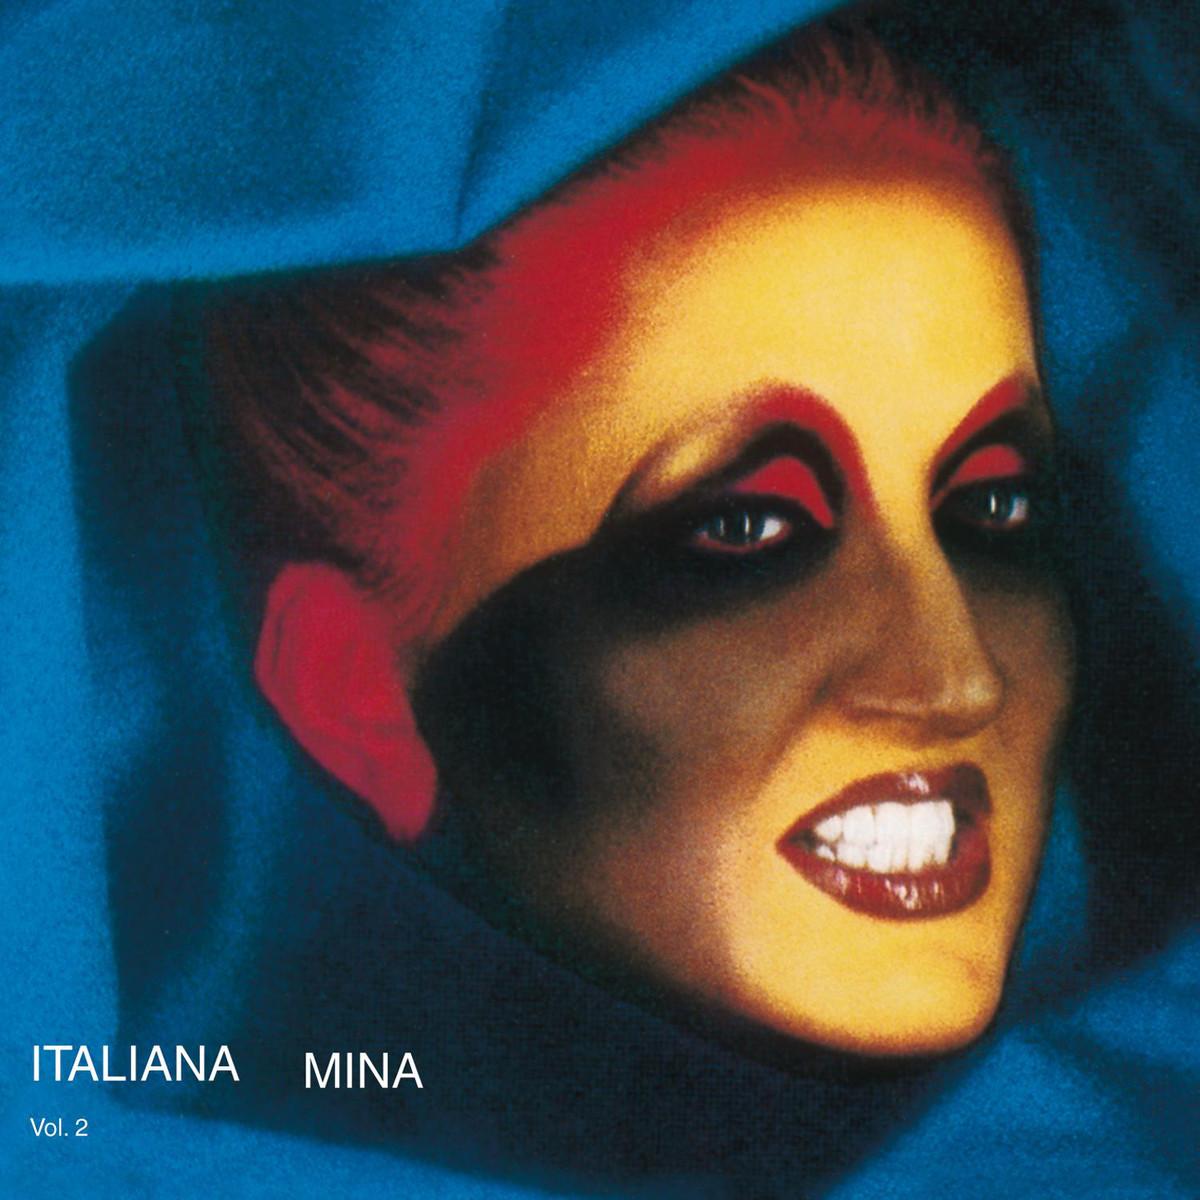 Mina - Italiana Vol.2 - 1982